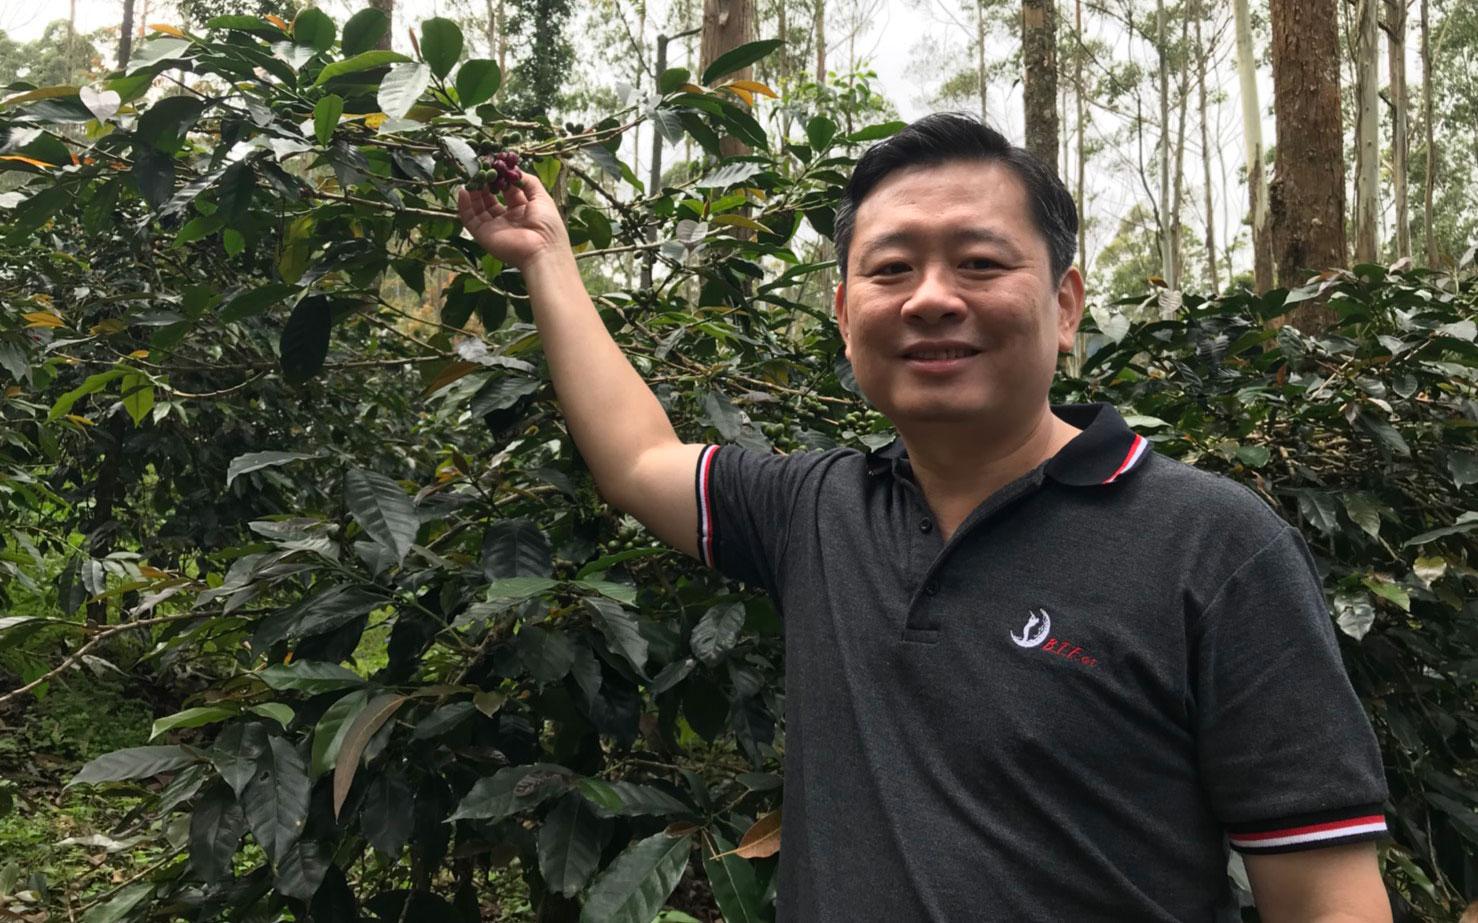 紡織業二代變農夫 習近平、安倍都喝過他的麝香貓咖啡